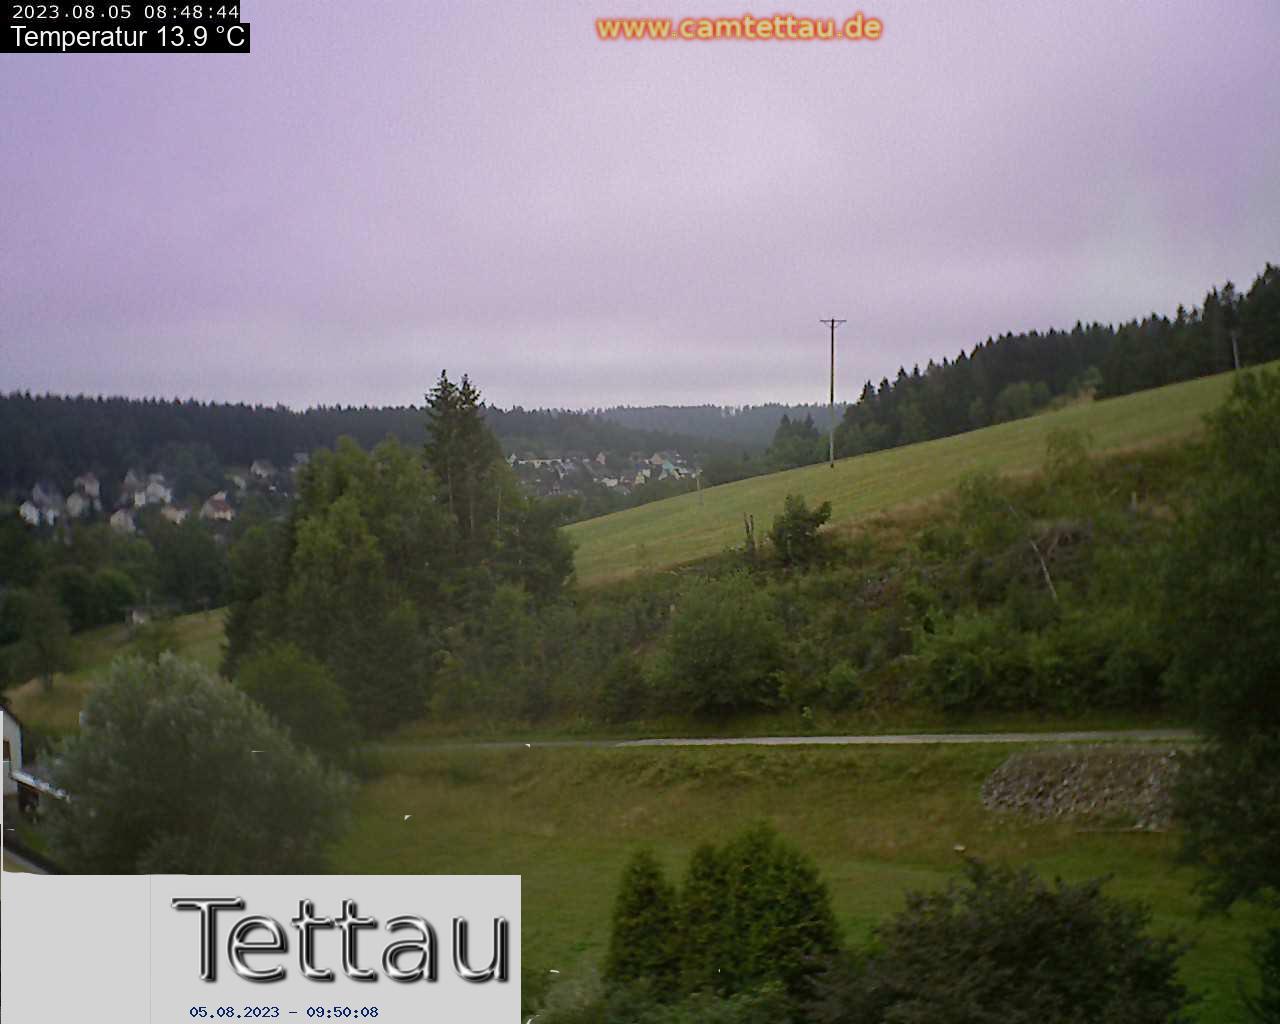 Tettau (Bavaria) Tue. 09:55